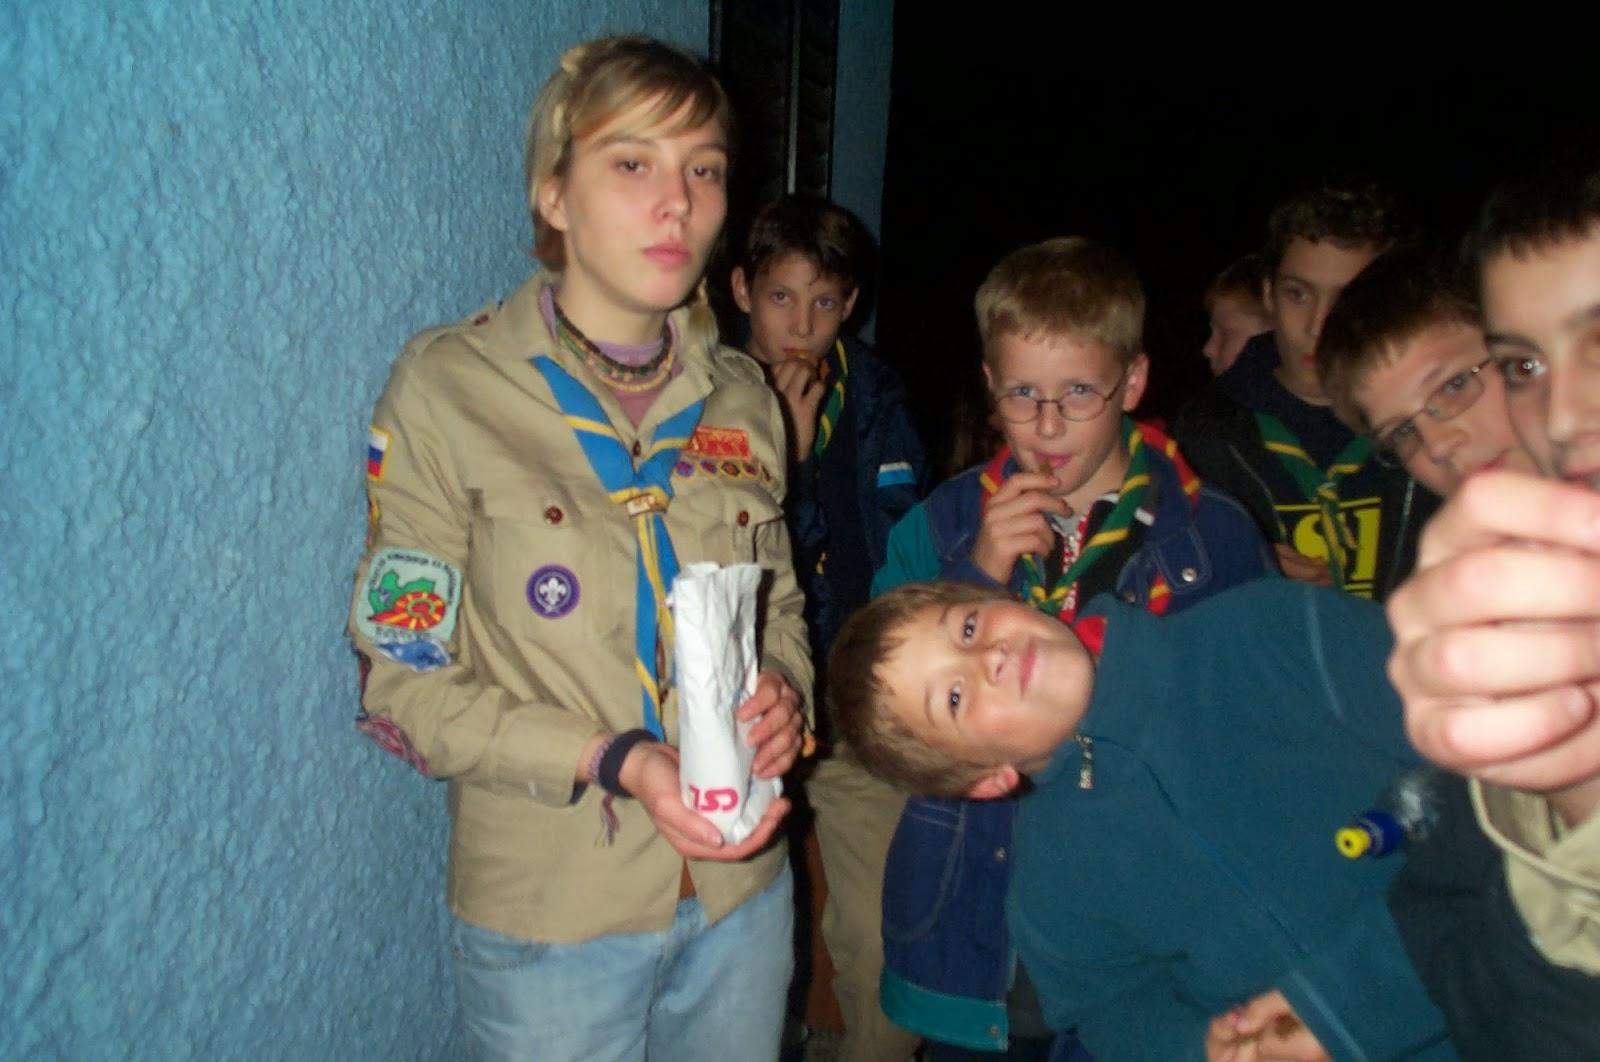 Prisega, Ilirska Bistrica 2004 - Prisega%2B2004%2B068.jpg